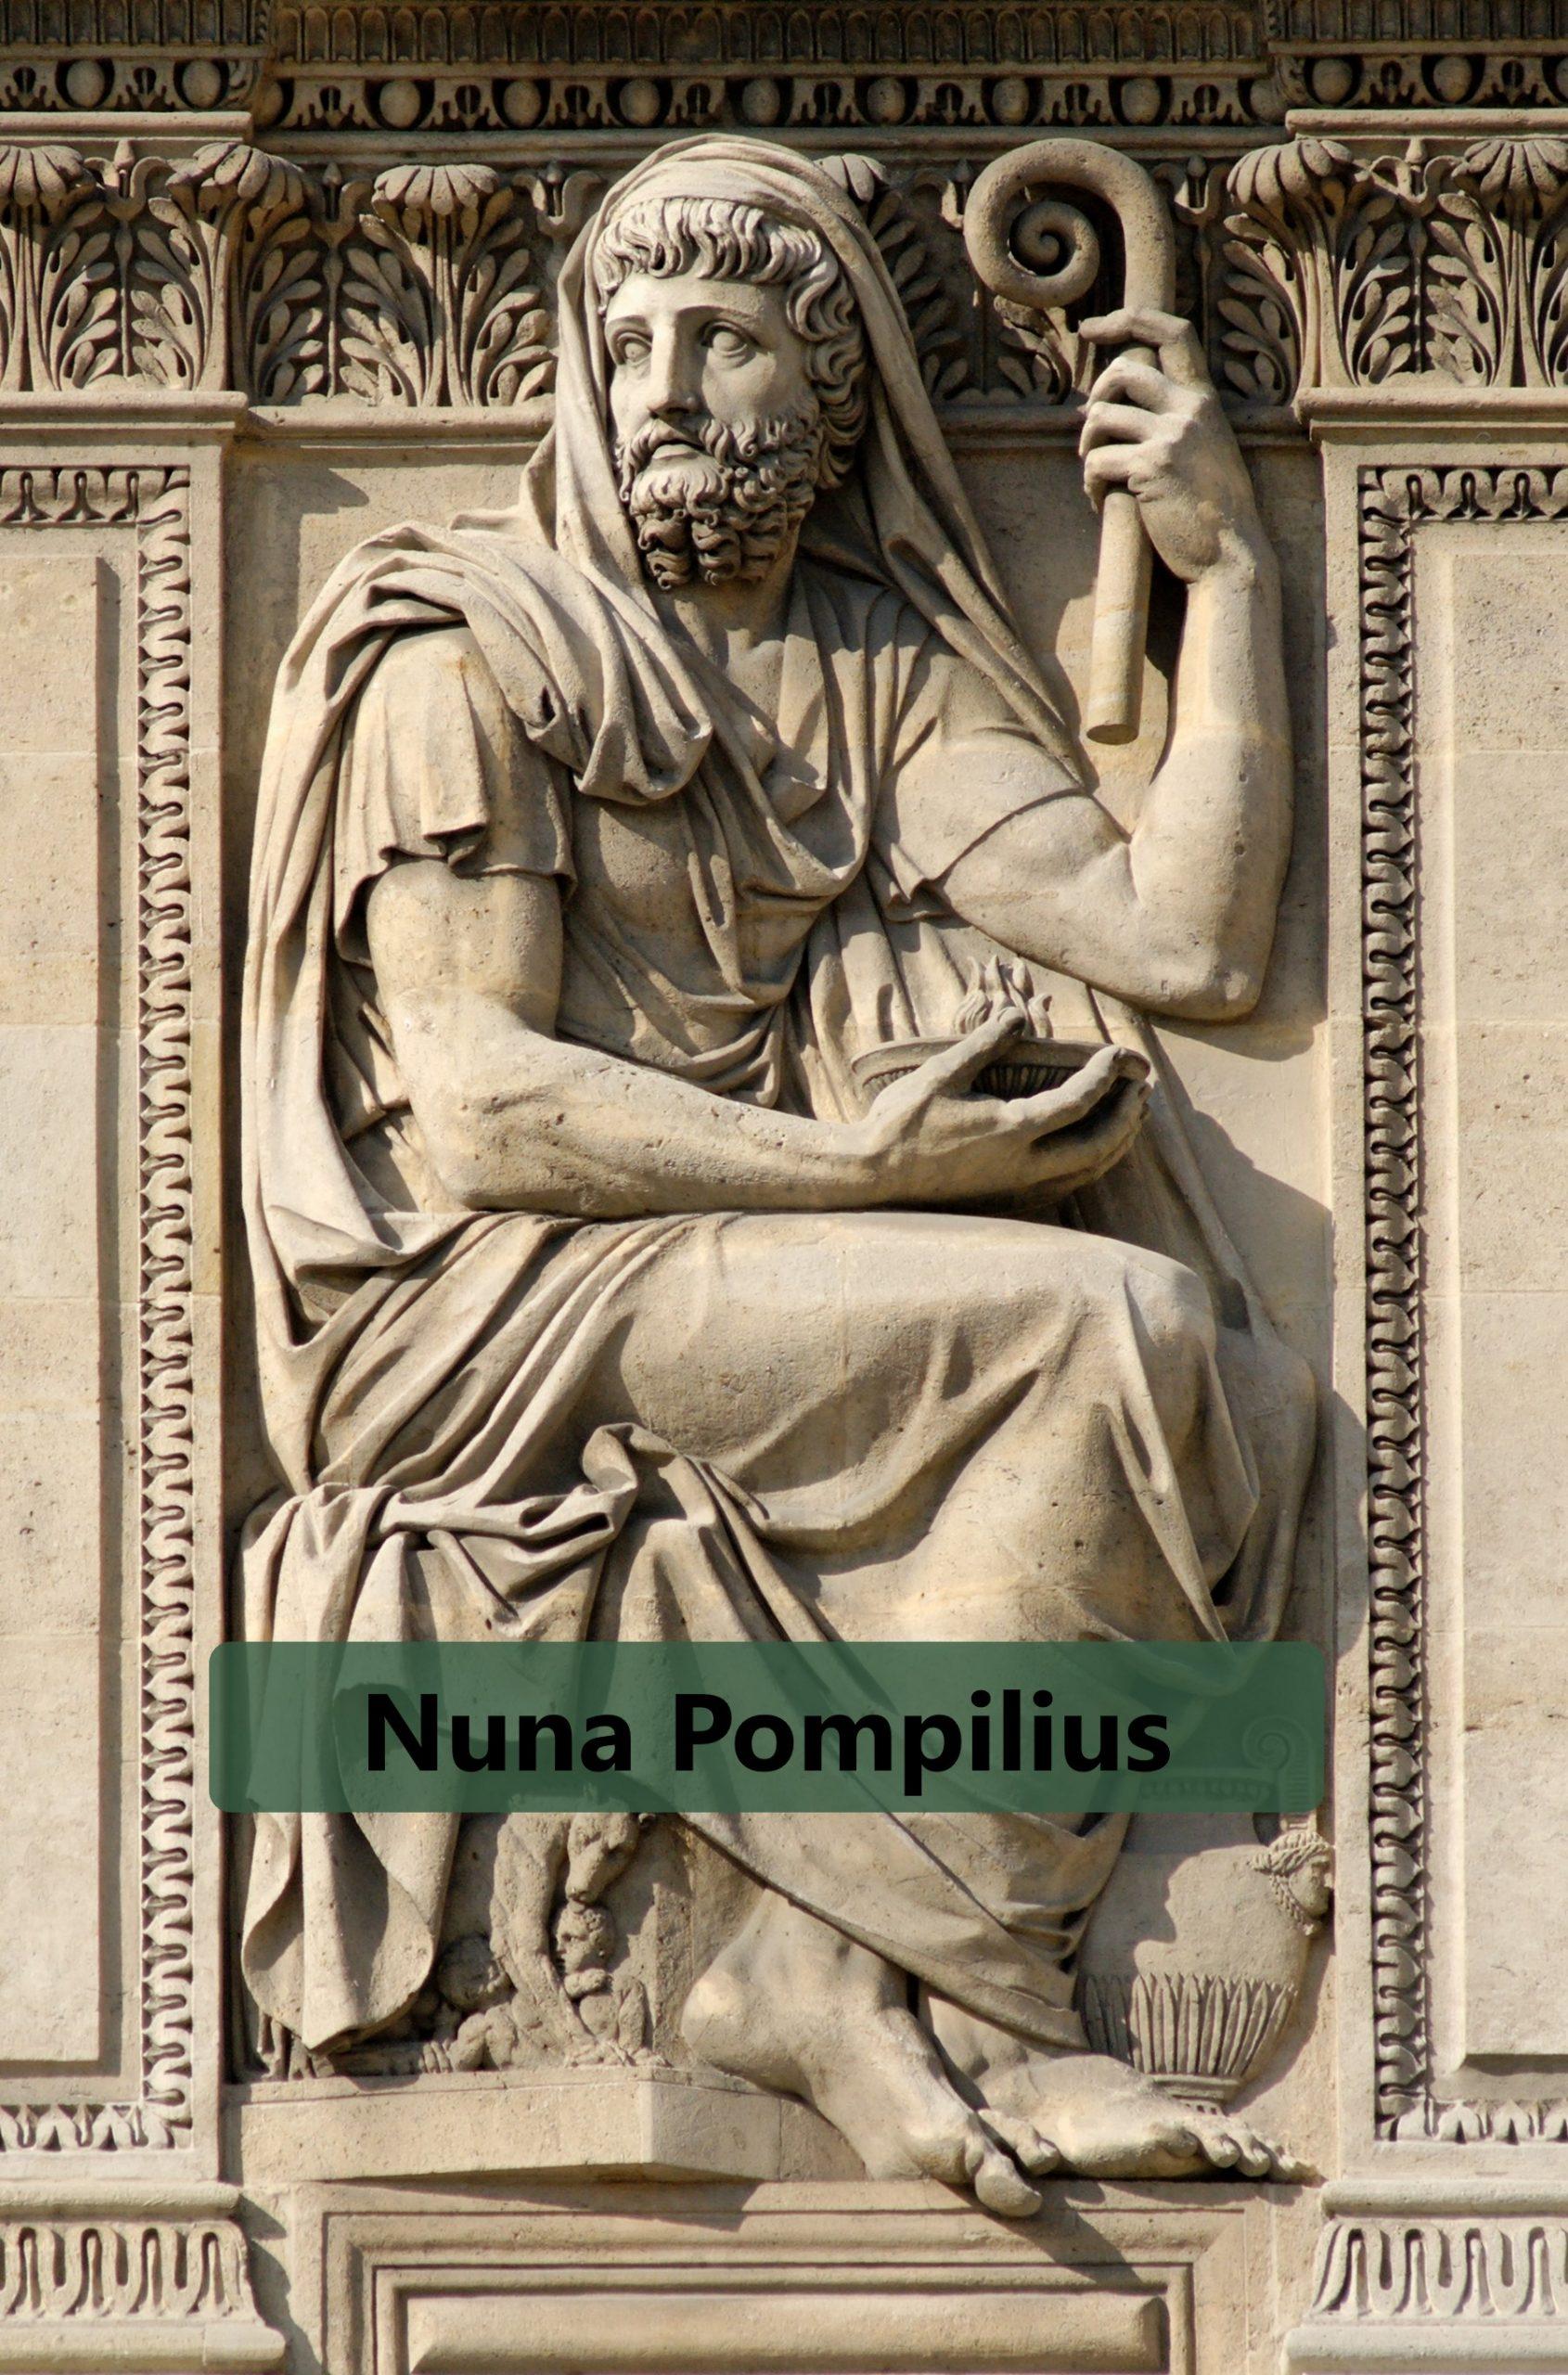 Nuna Pompilius